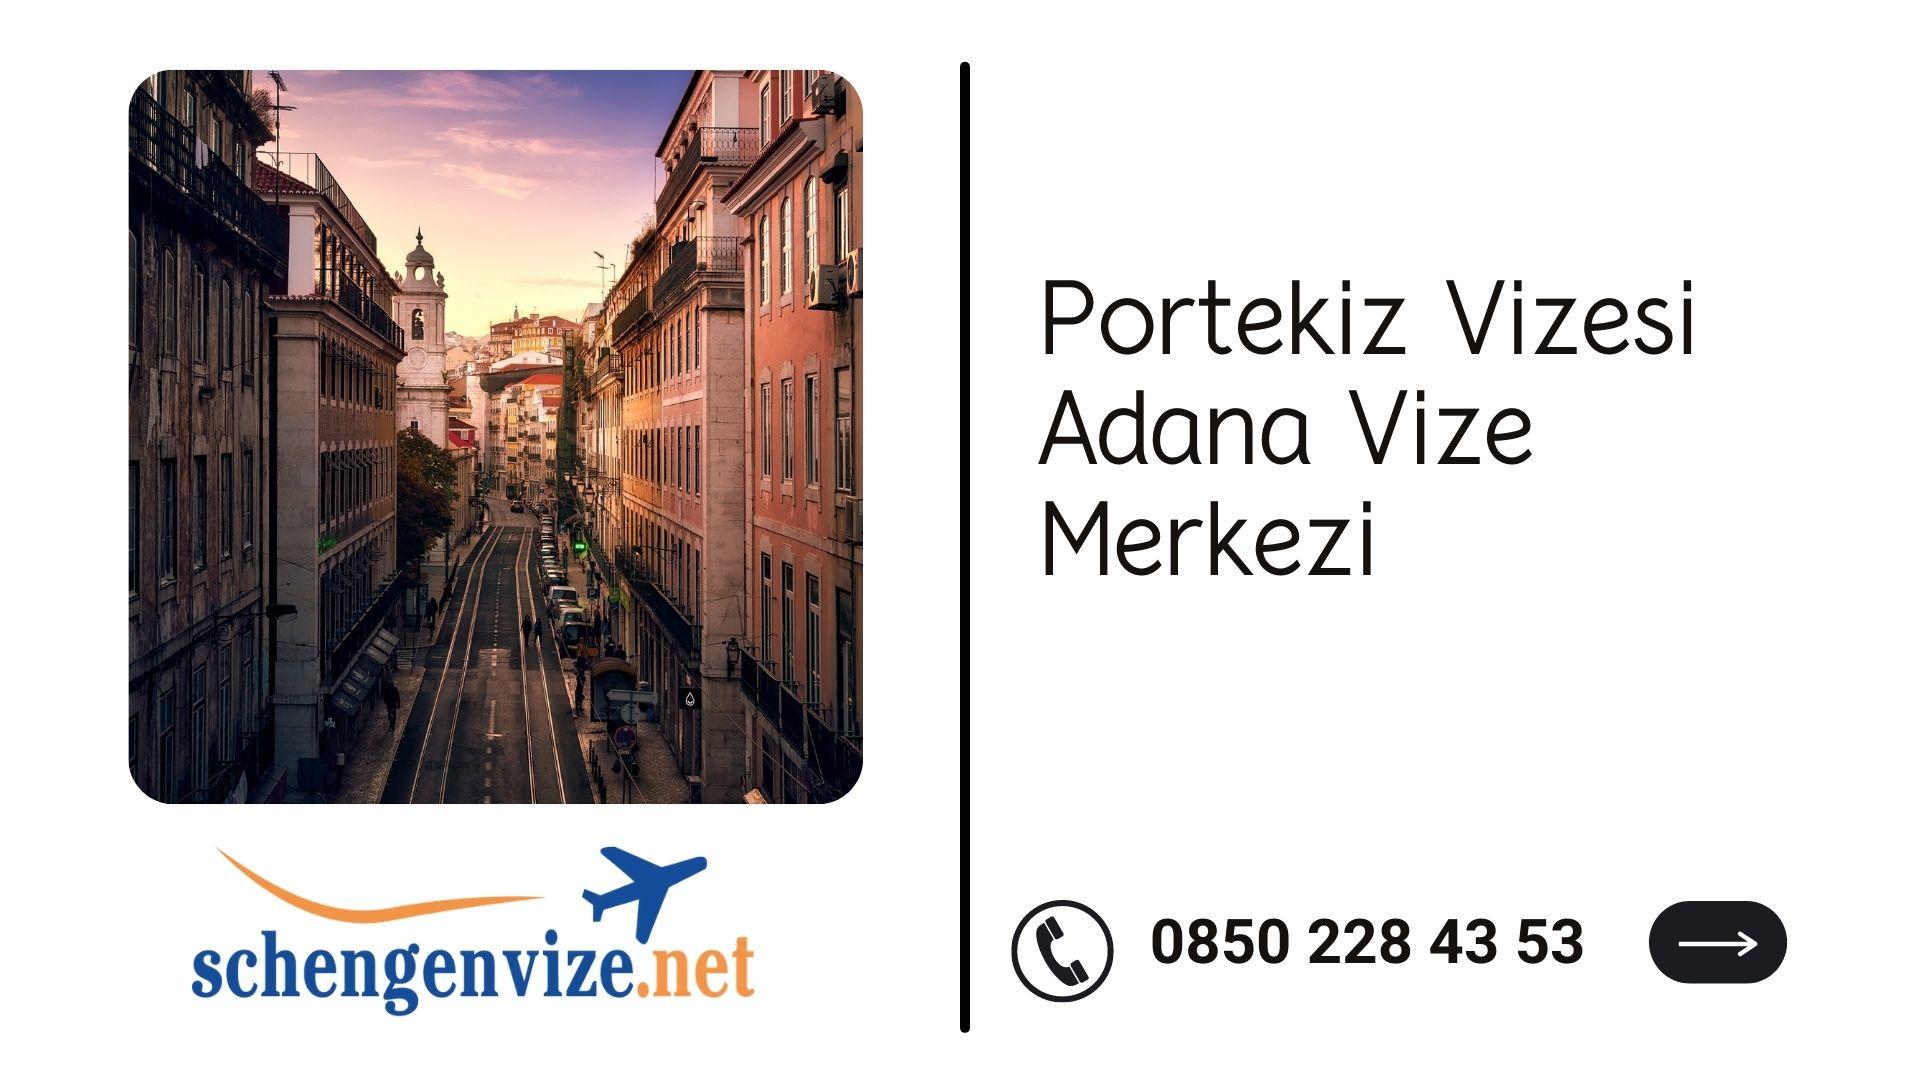 Portekiz Vizesi Adana Vize Merkezi